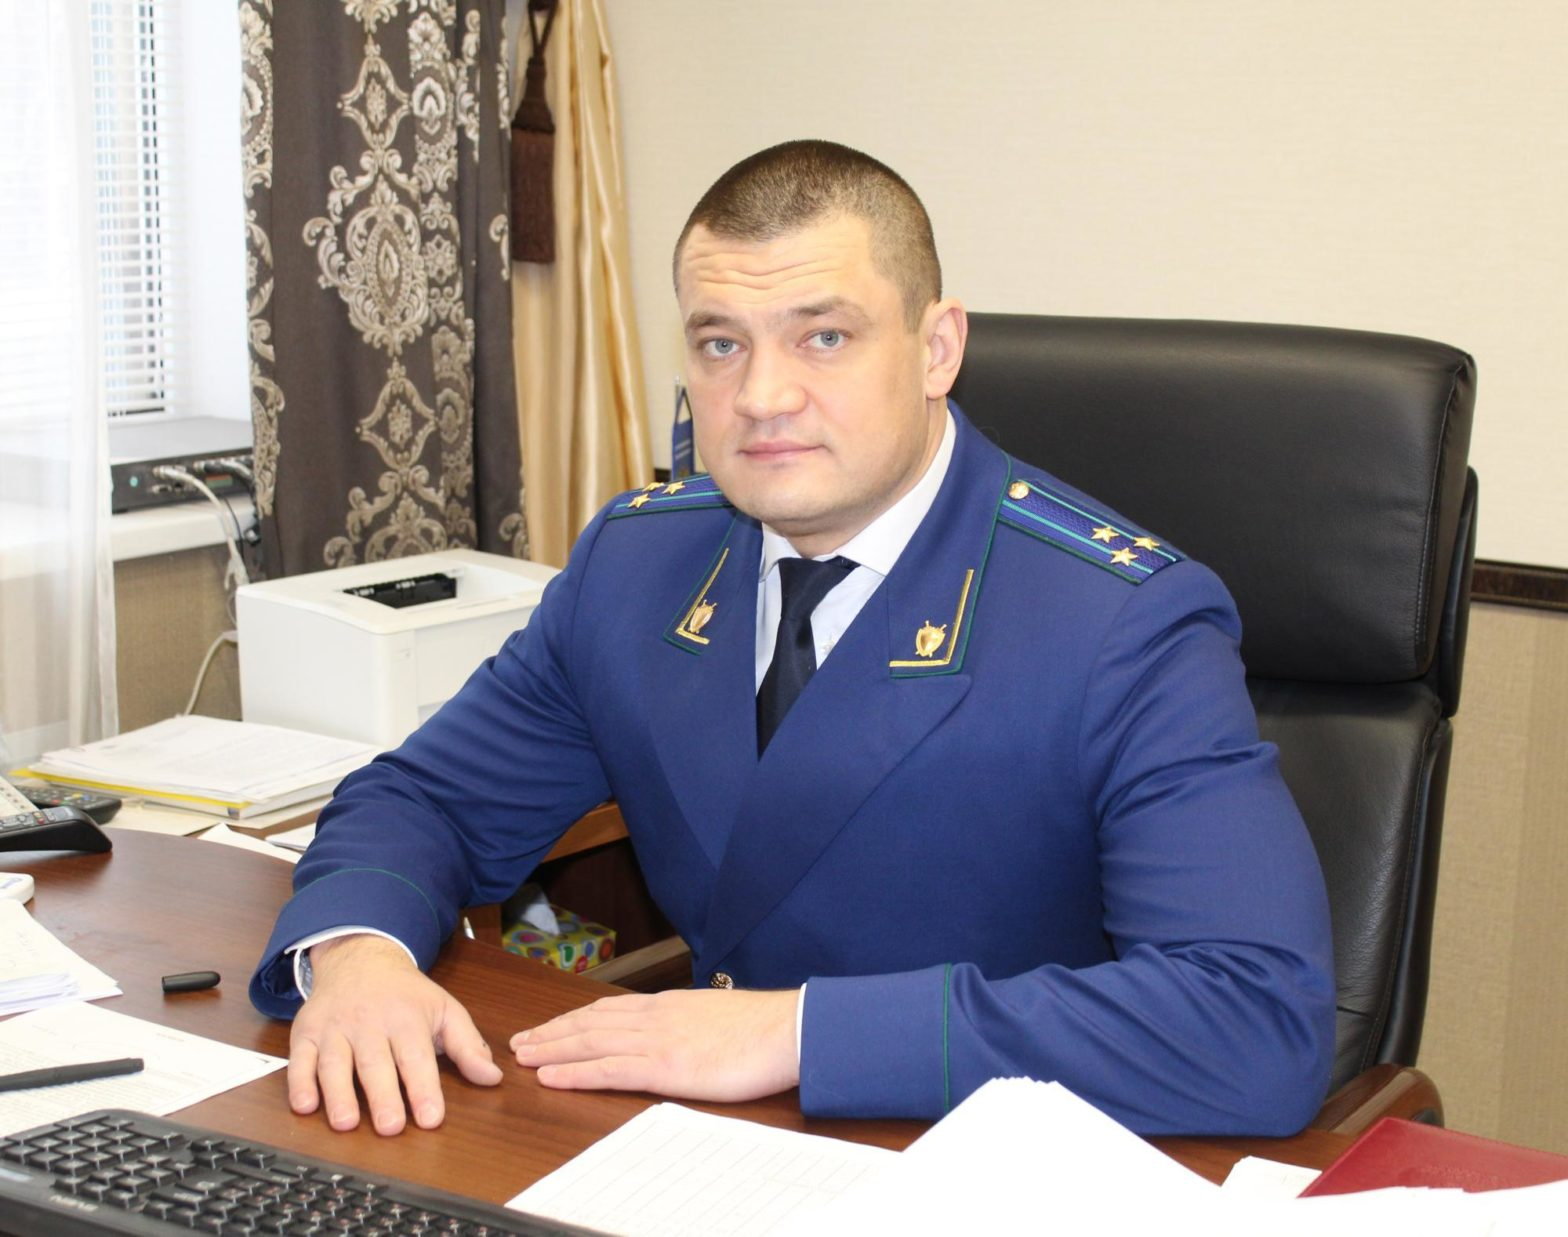 Каменский городской прокурор возглавил Азовскую межрайонную прокуратуру